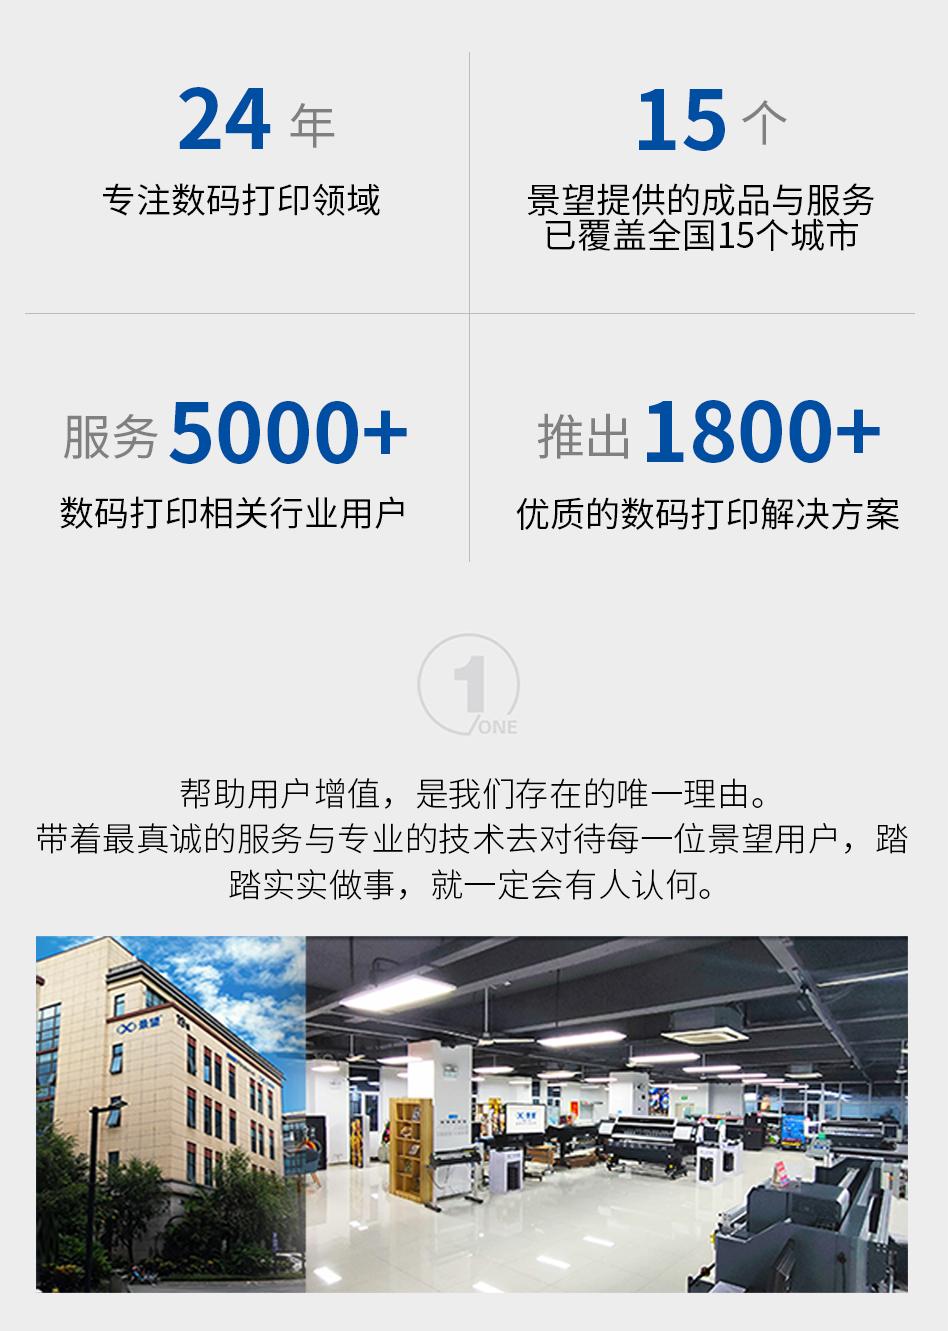 手机端官网企业文化介绍(950x3800)_01.jpg